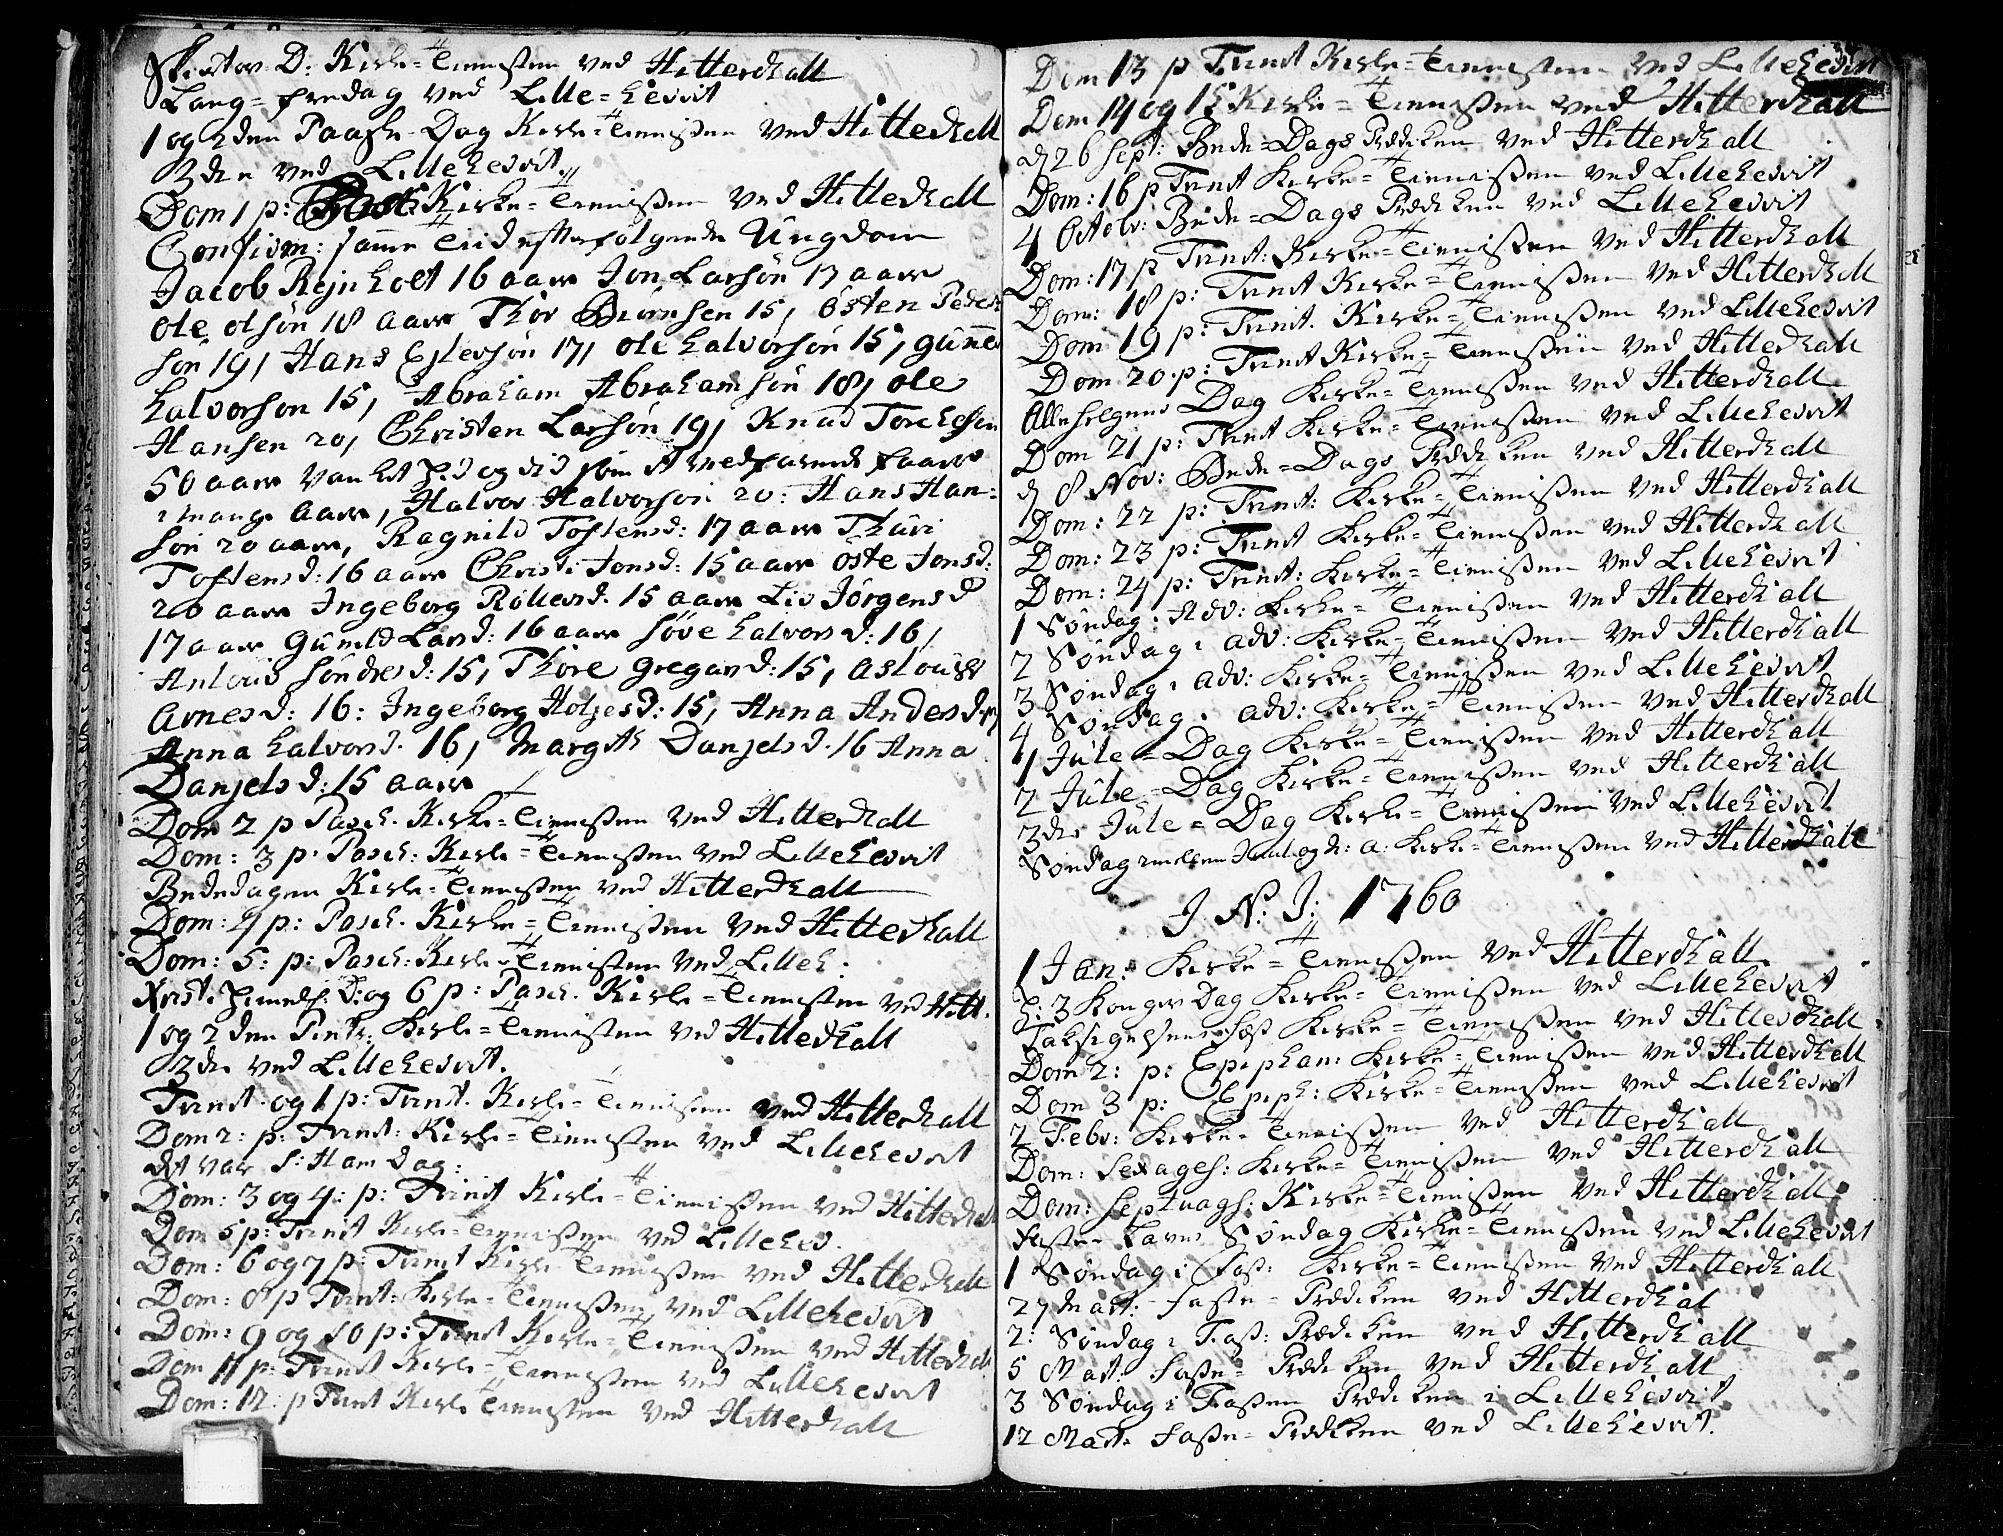 SAKO, Heddal kirkebøker, F/Fa/L0003: Ministerialbok nr. I 3, 1723-1783, s. 34